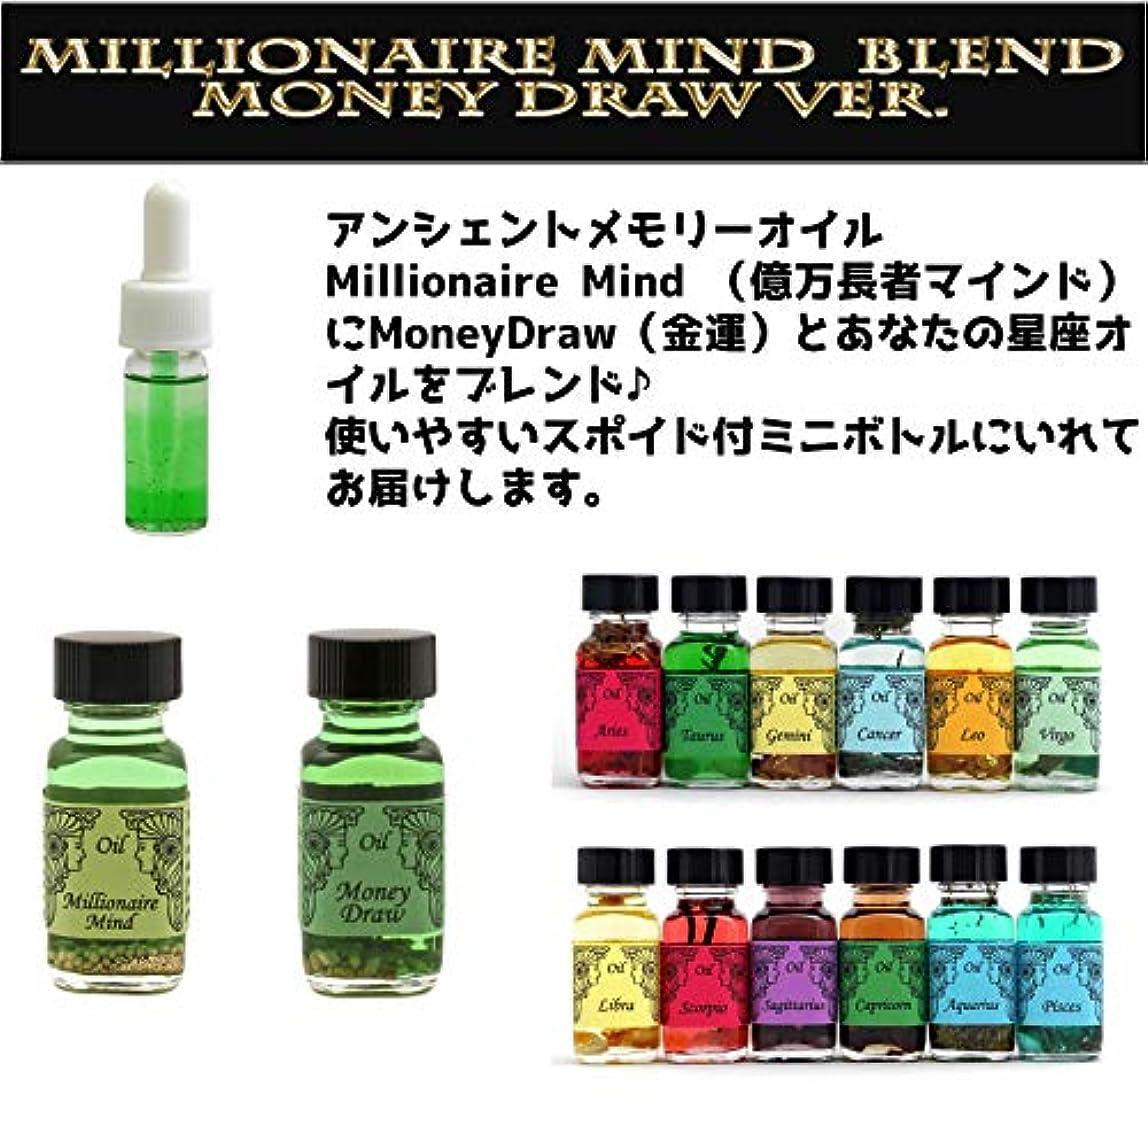 慣習なす退屈させるアンシェントメモリーオイル Millionaire Mind 億万長者マインド ブレンド(Money Drawマネードロー(金運)&かに座